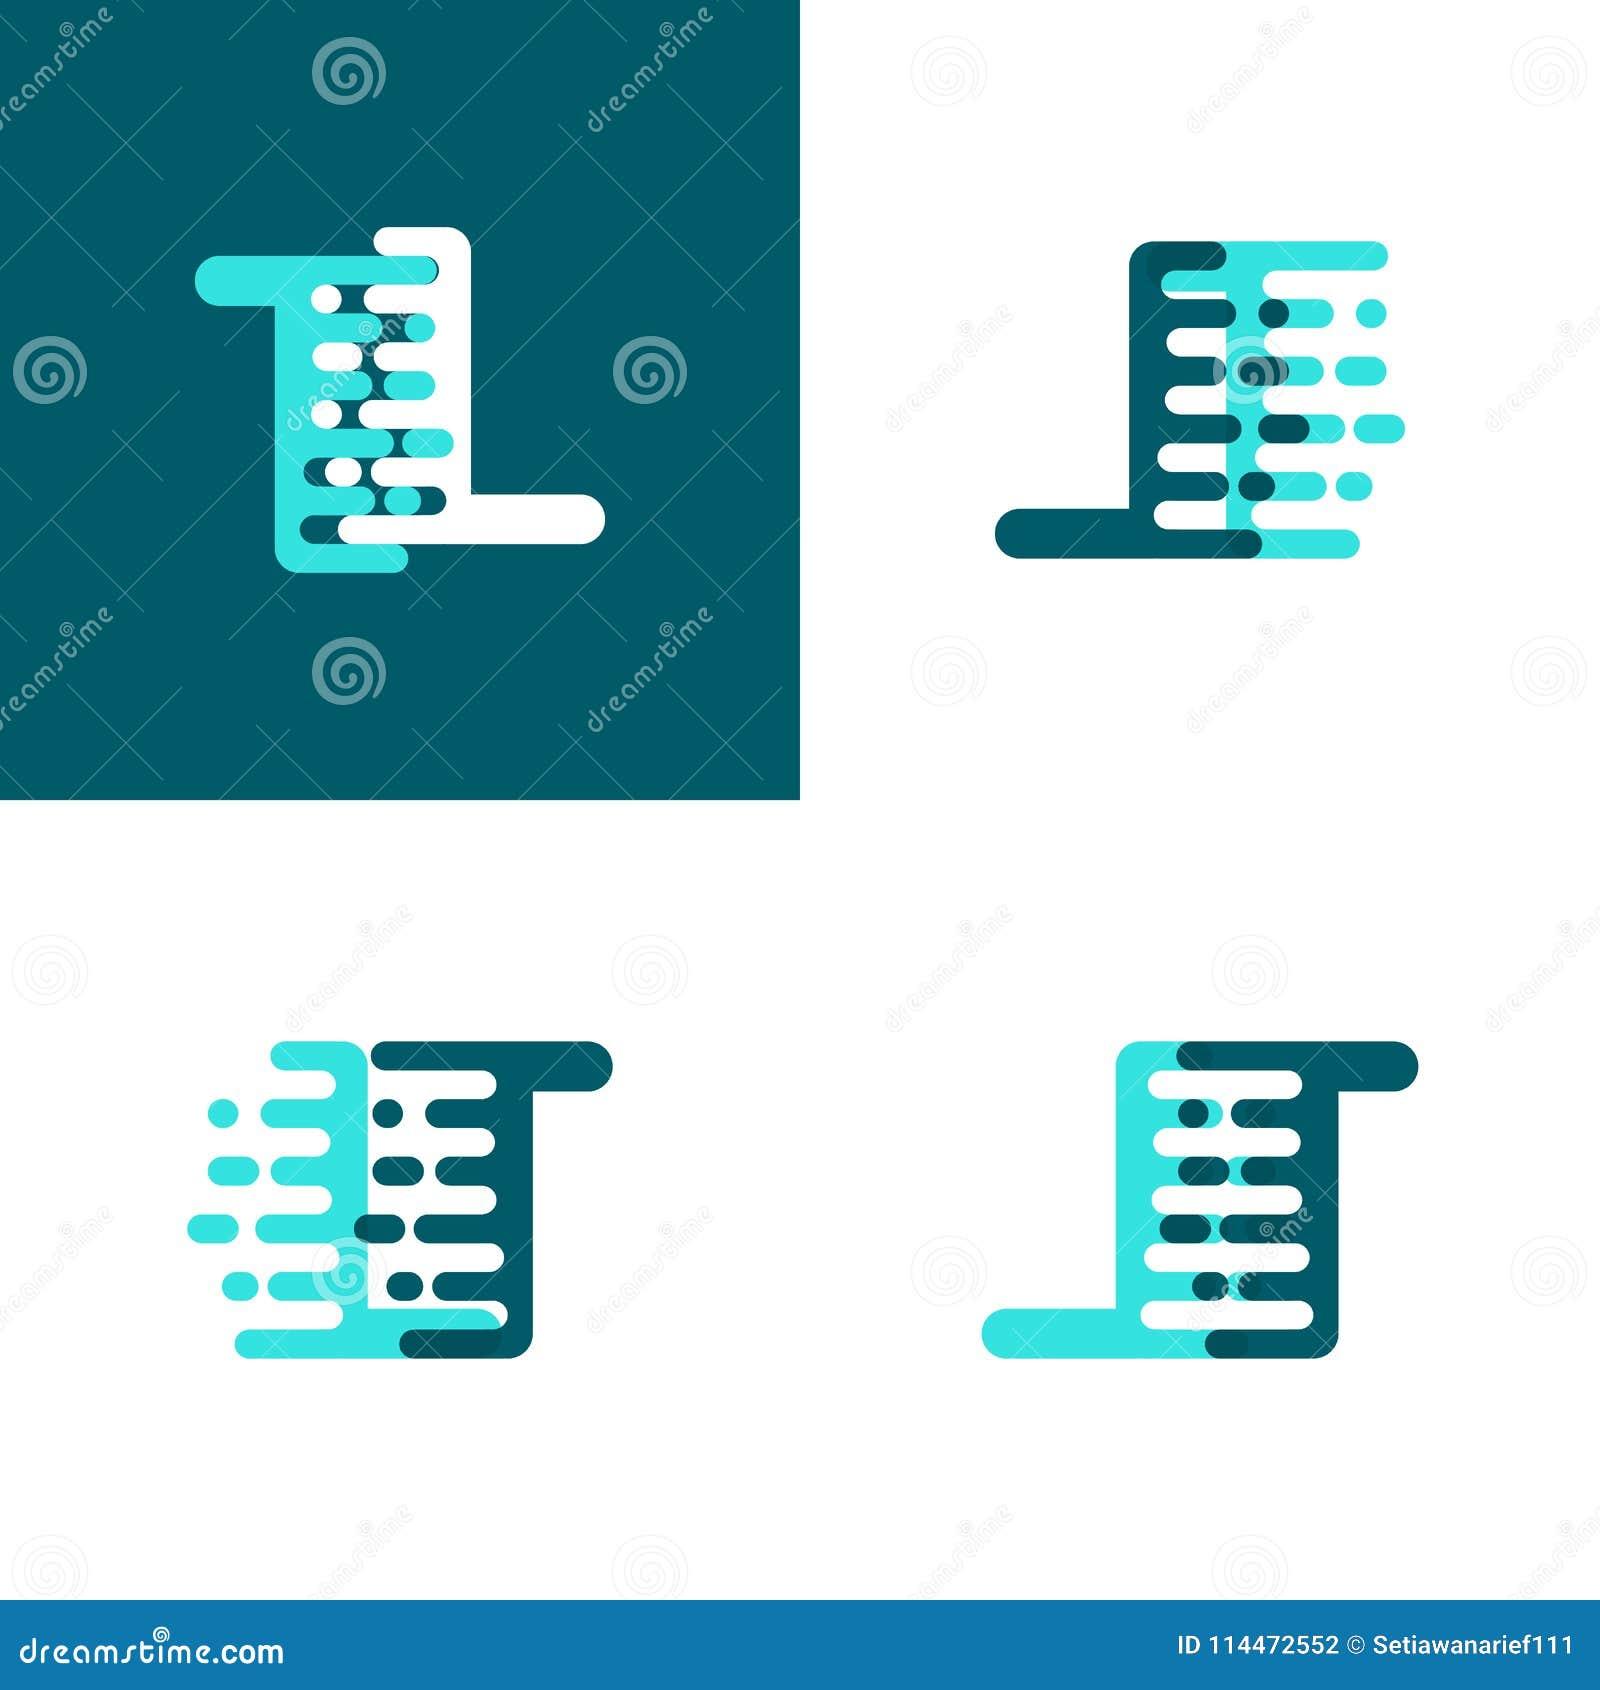 something-like-lt-letters-logo-accent-speed-light-green-dark-114472552